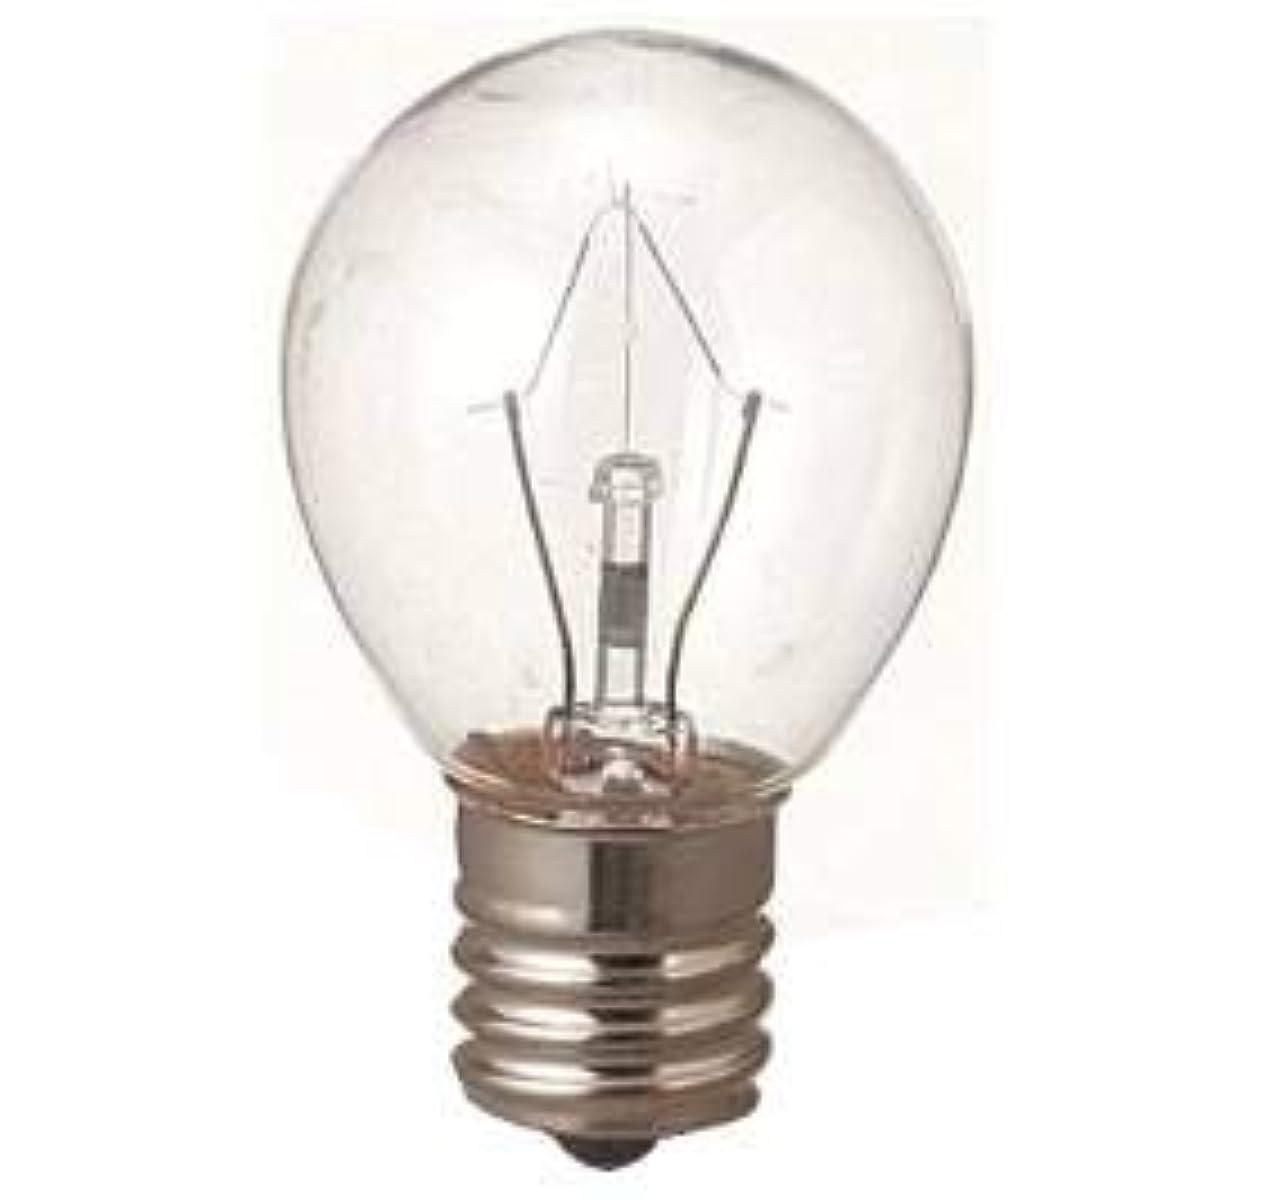 抽象人形ベーシック生活の木 アロマランプM用 電球15W(サイズ:φ23×H50mm)